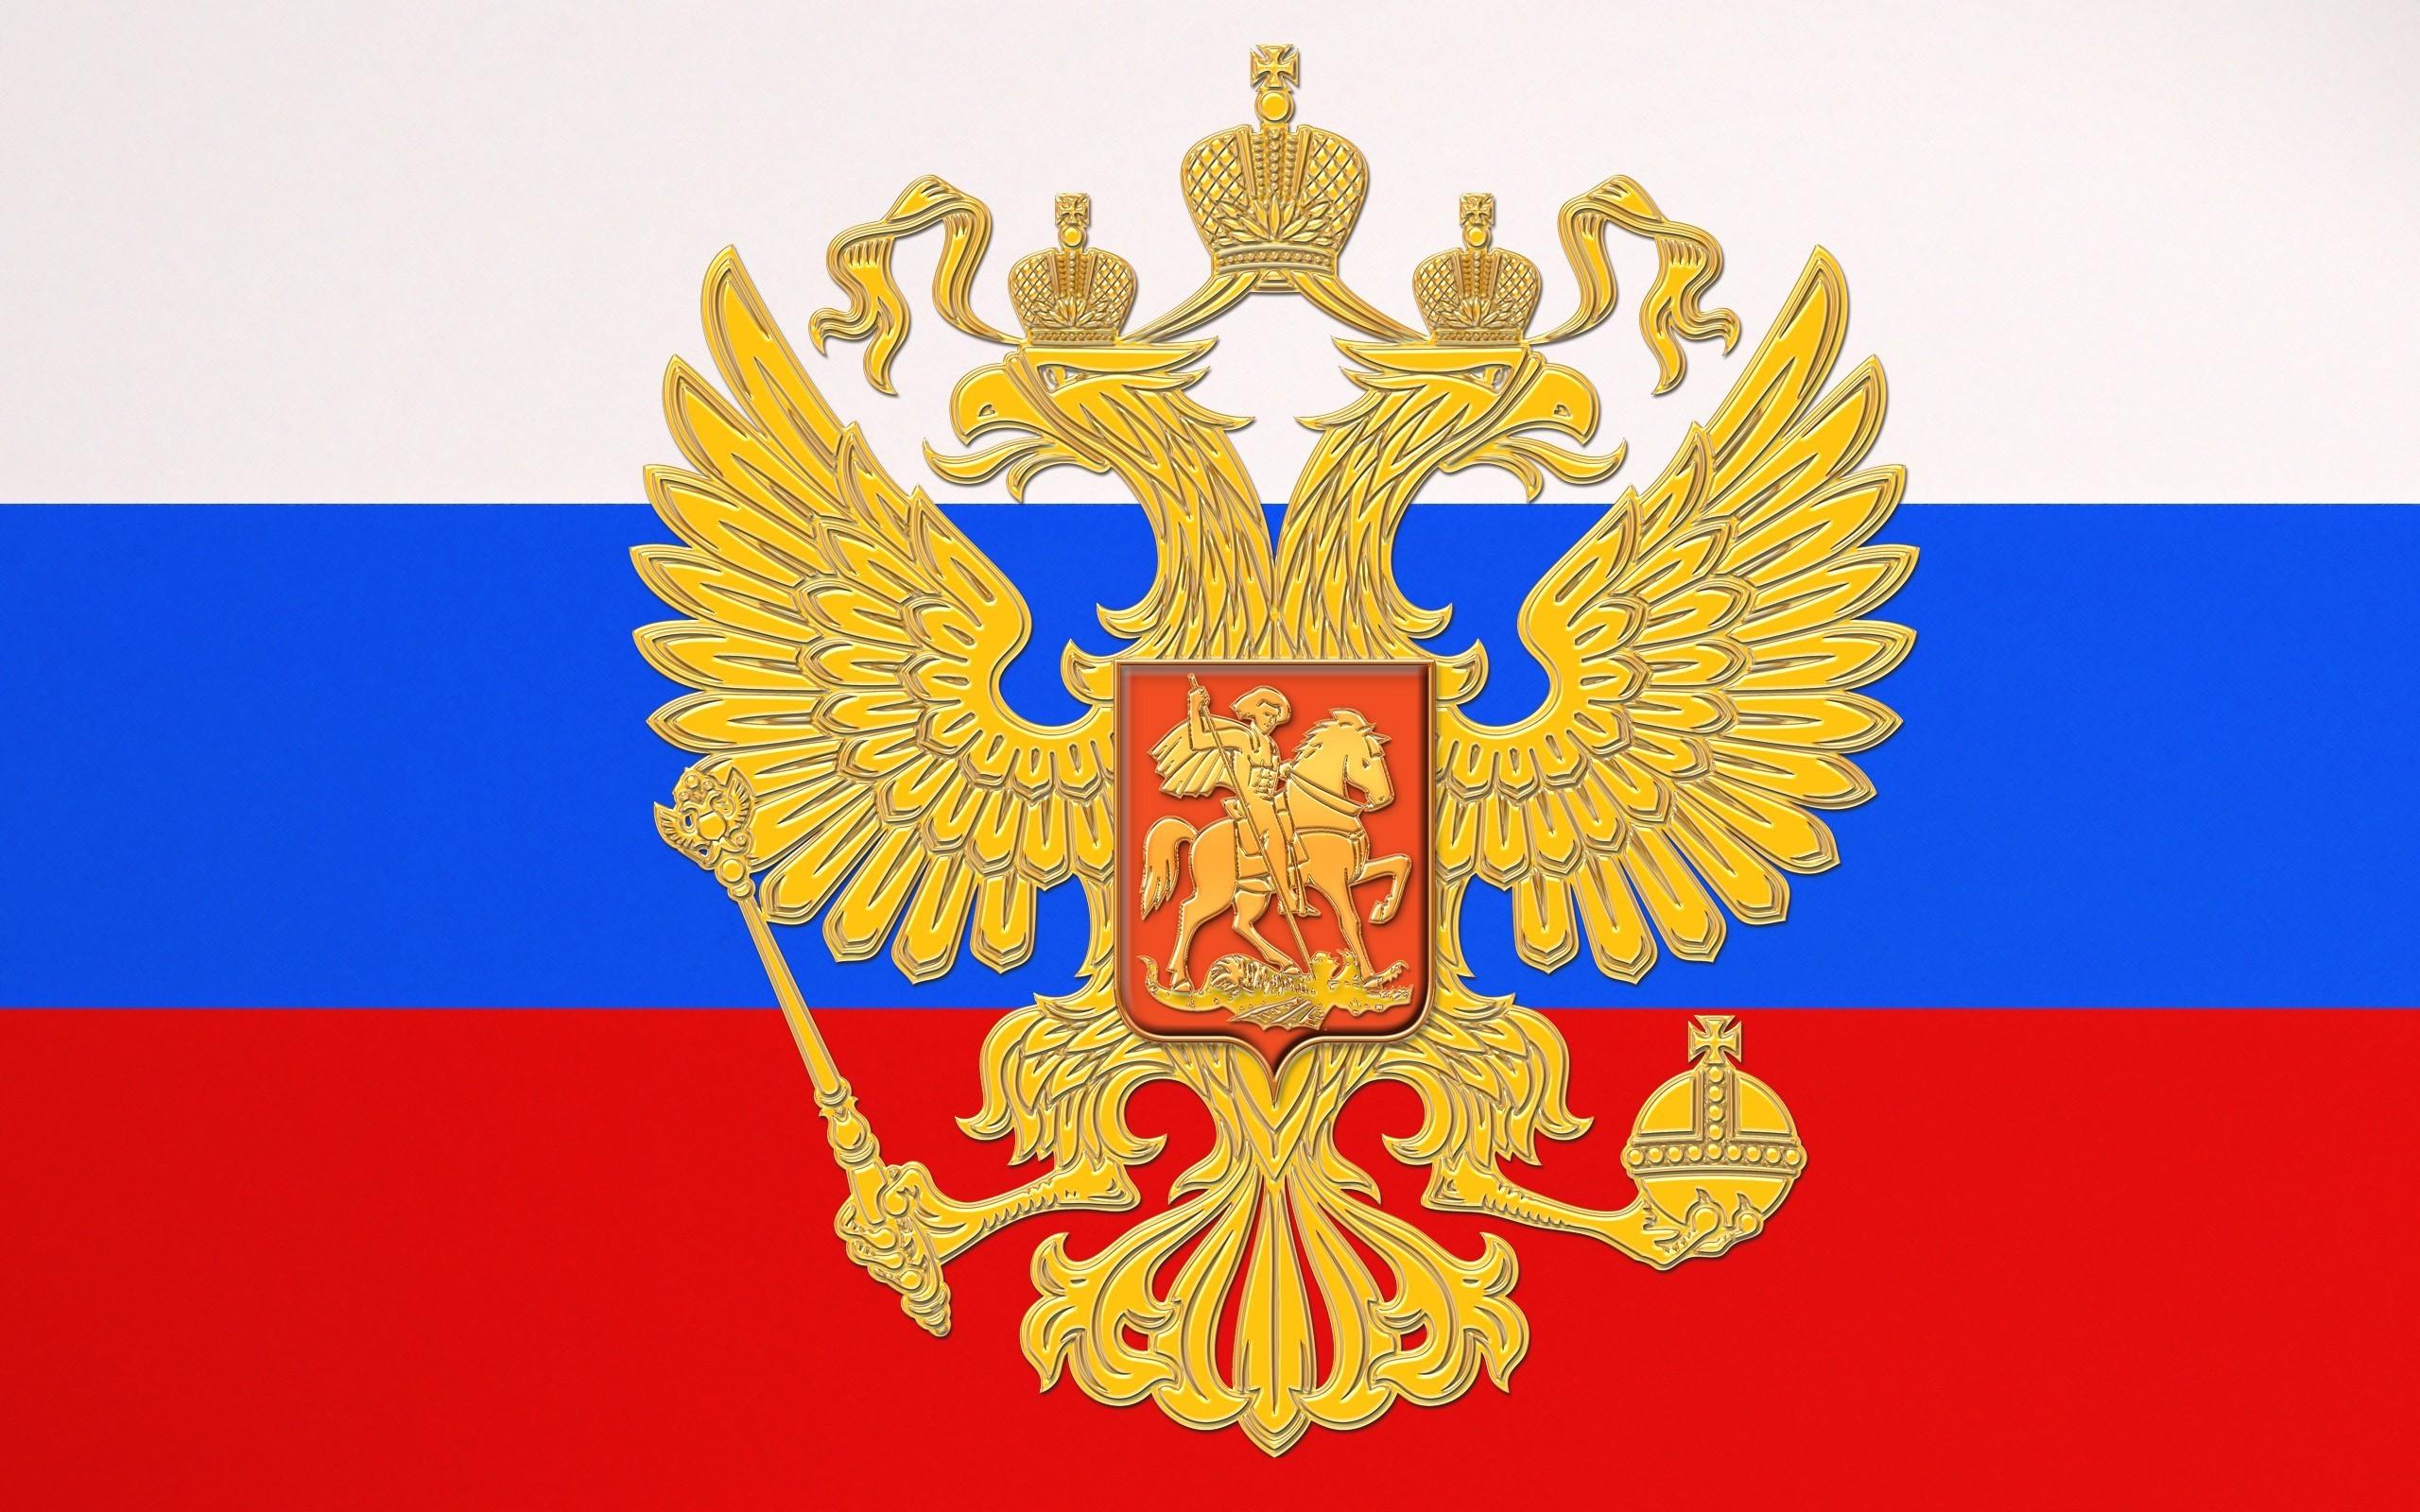 флаг и герб россии большая картинка посредников лице